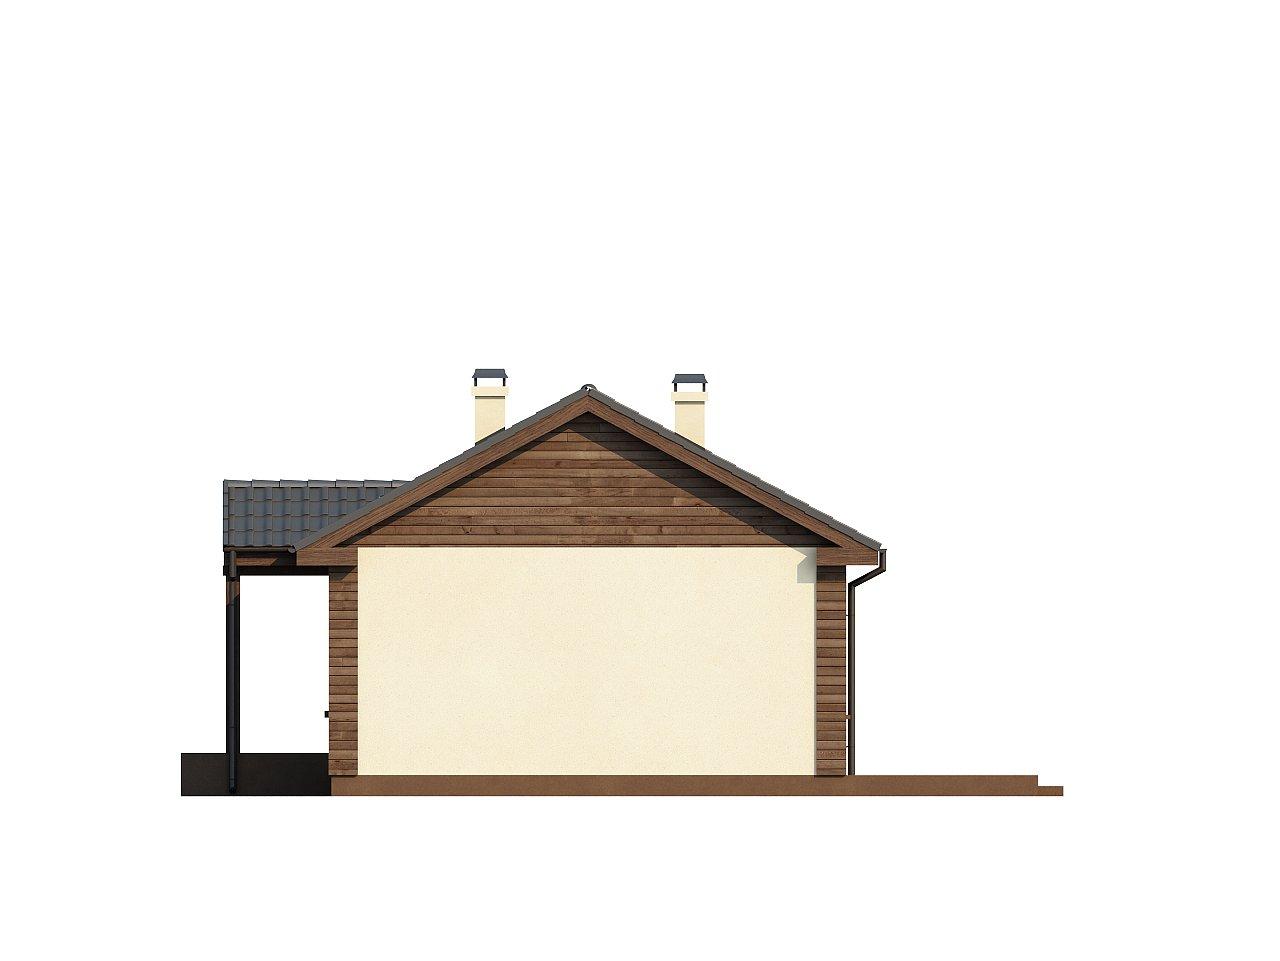 Маленький одноэтажный дом с двускатной кровлей, недорогой в строительстве и эксплуатации. - фото 16